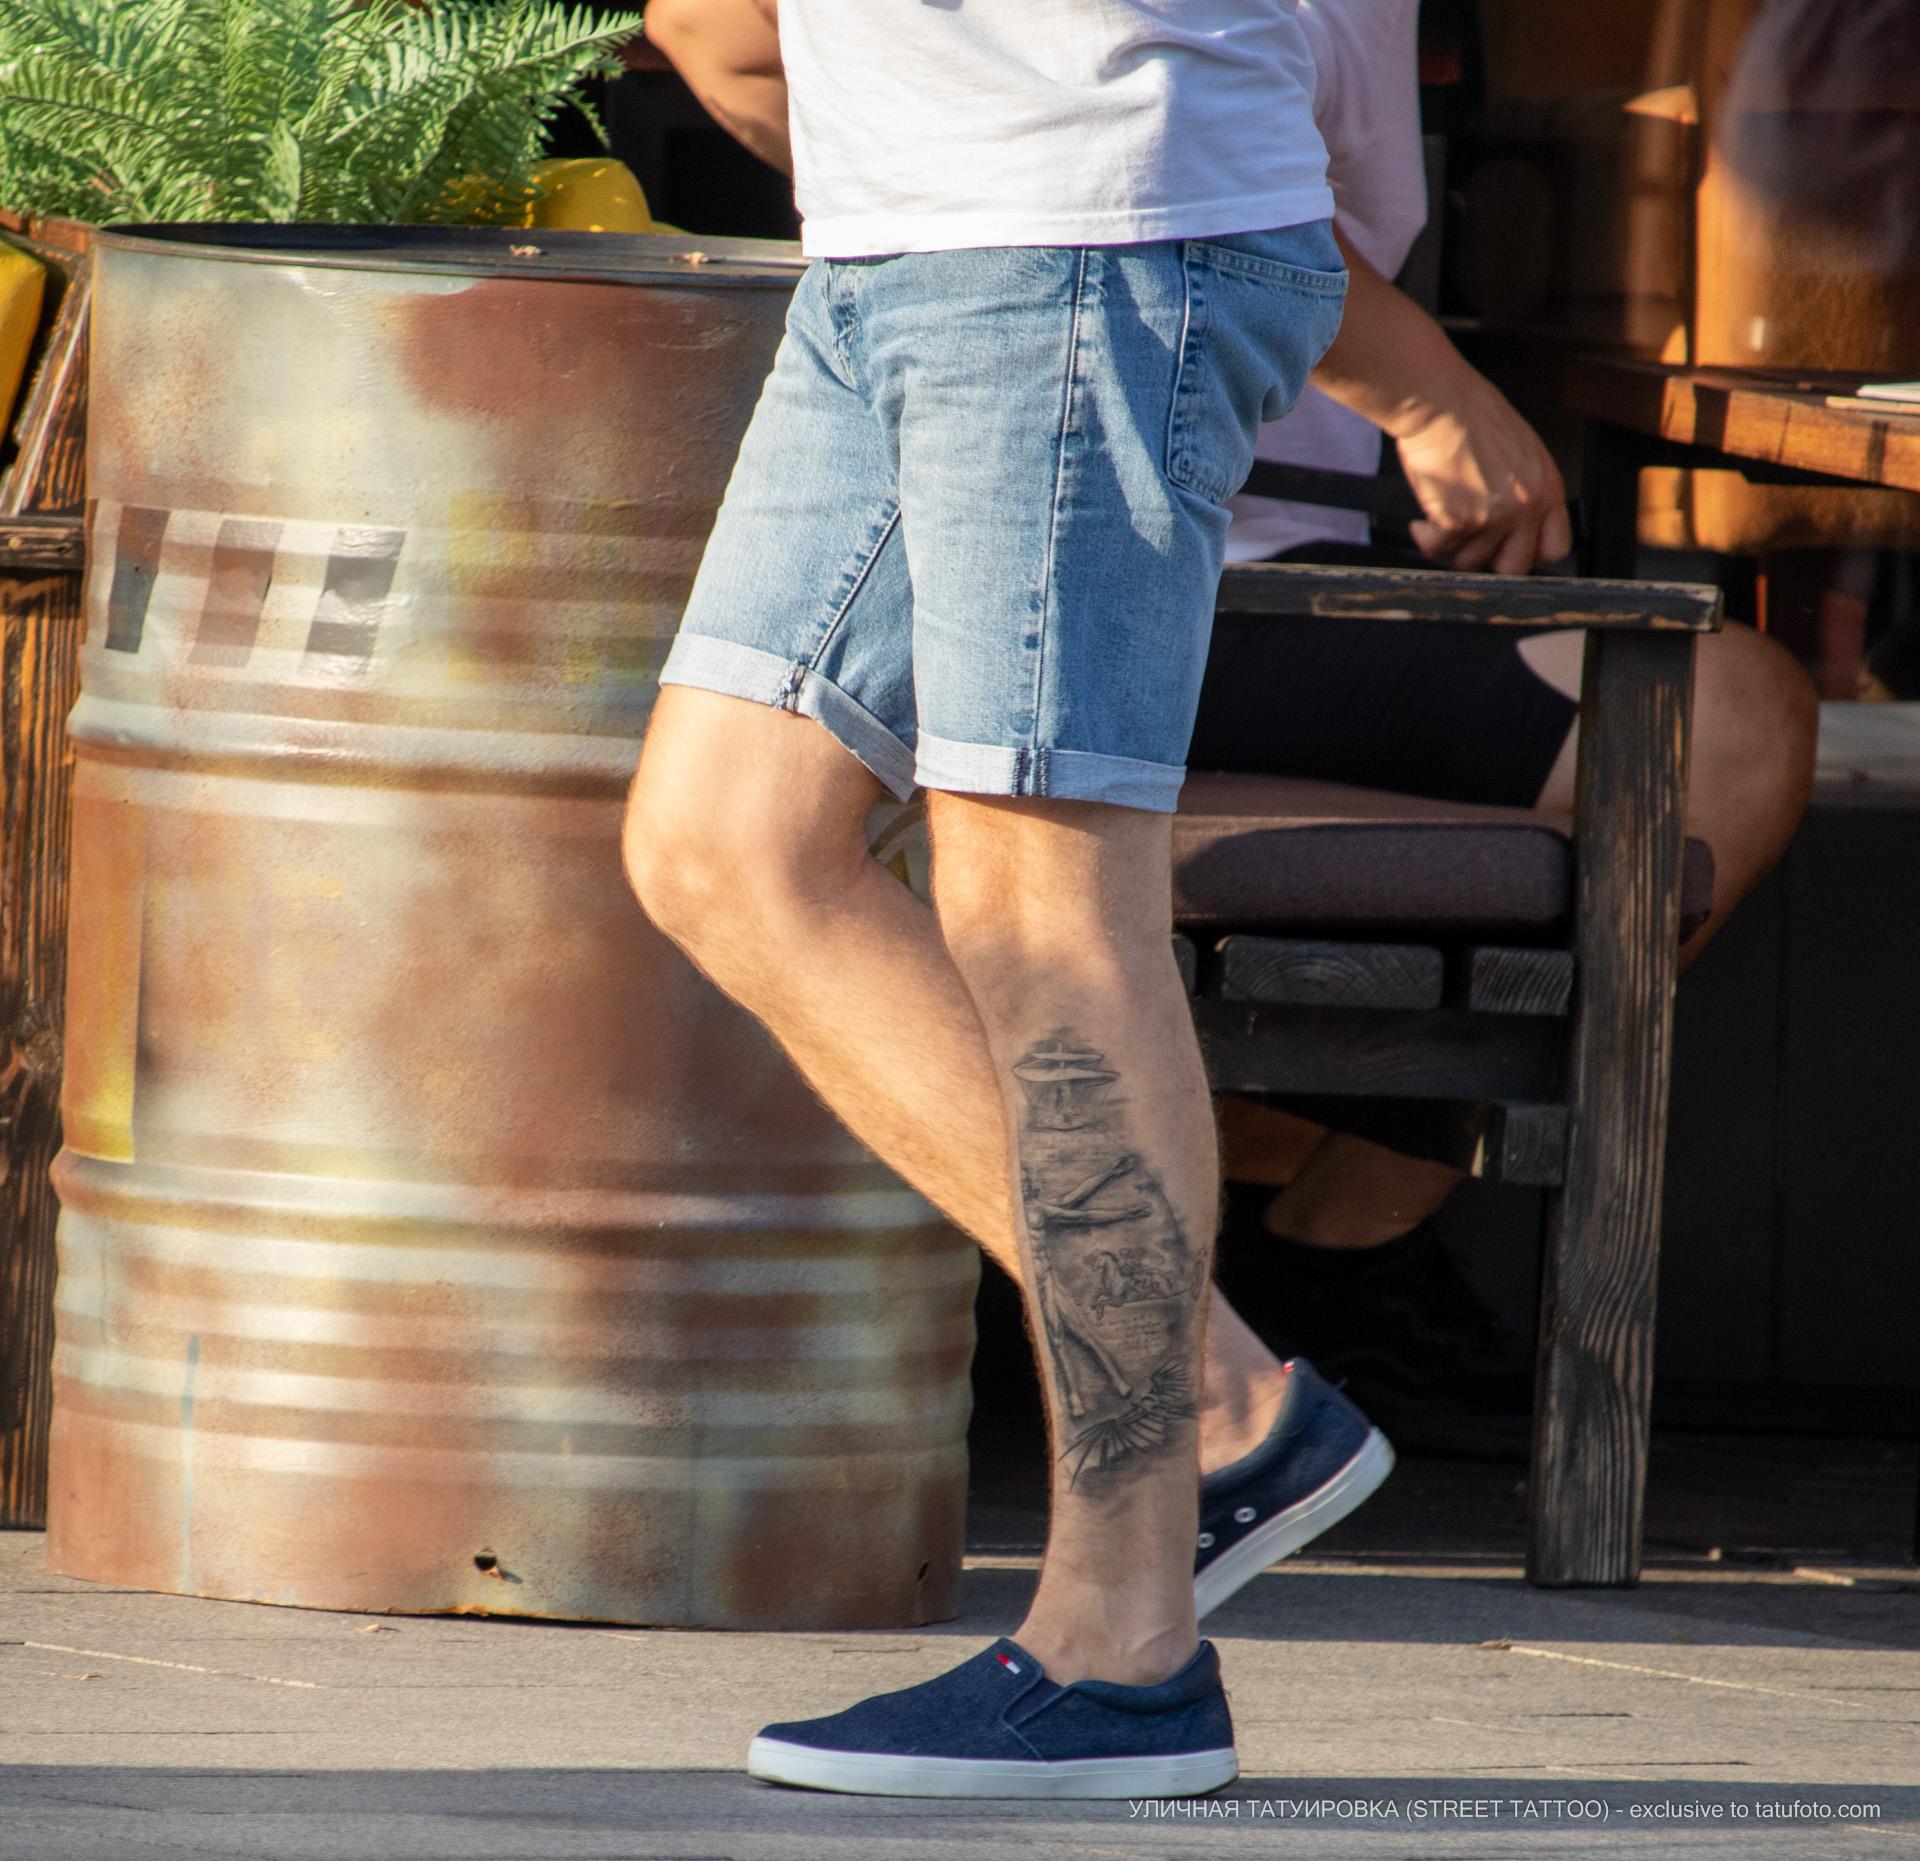 Фото татуировки с Витрувианским человеком и чертежами изобретений Леонардо да Винчи – Уличная татуировка (street tattoo) № 06 – 18.06.2020 – tatufoto.com 1